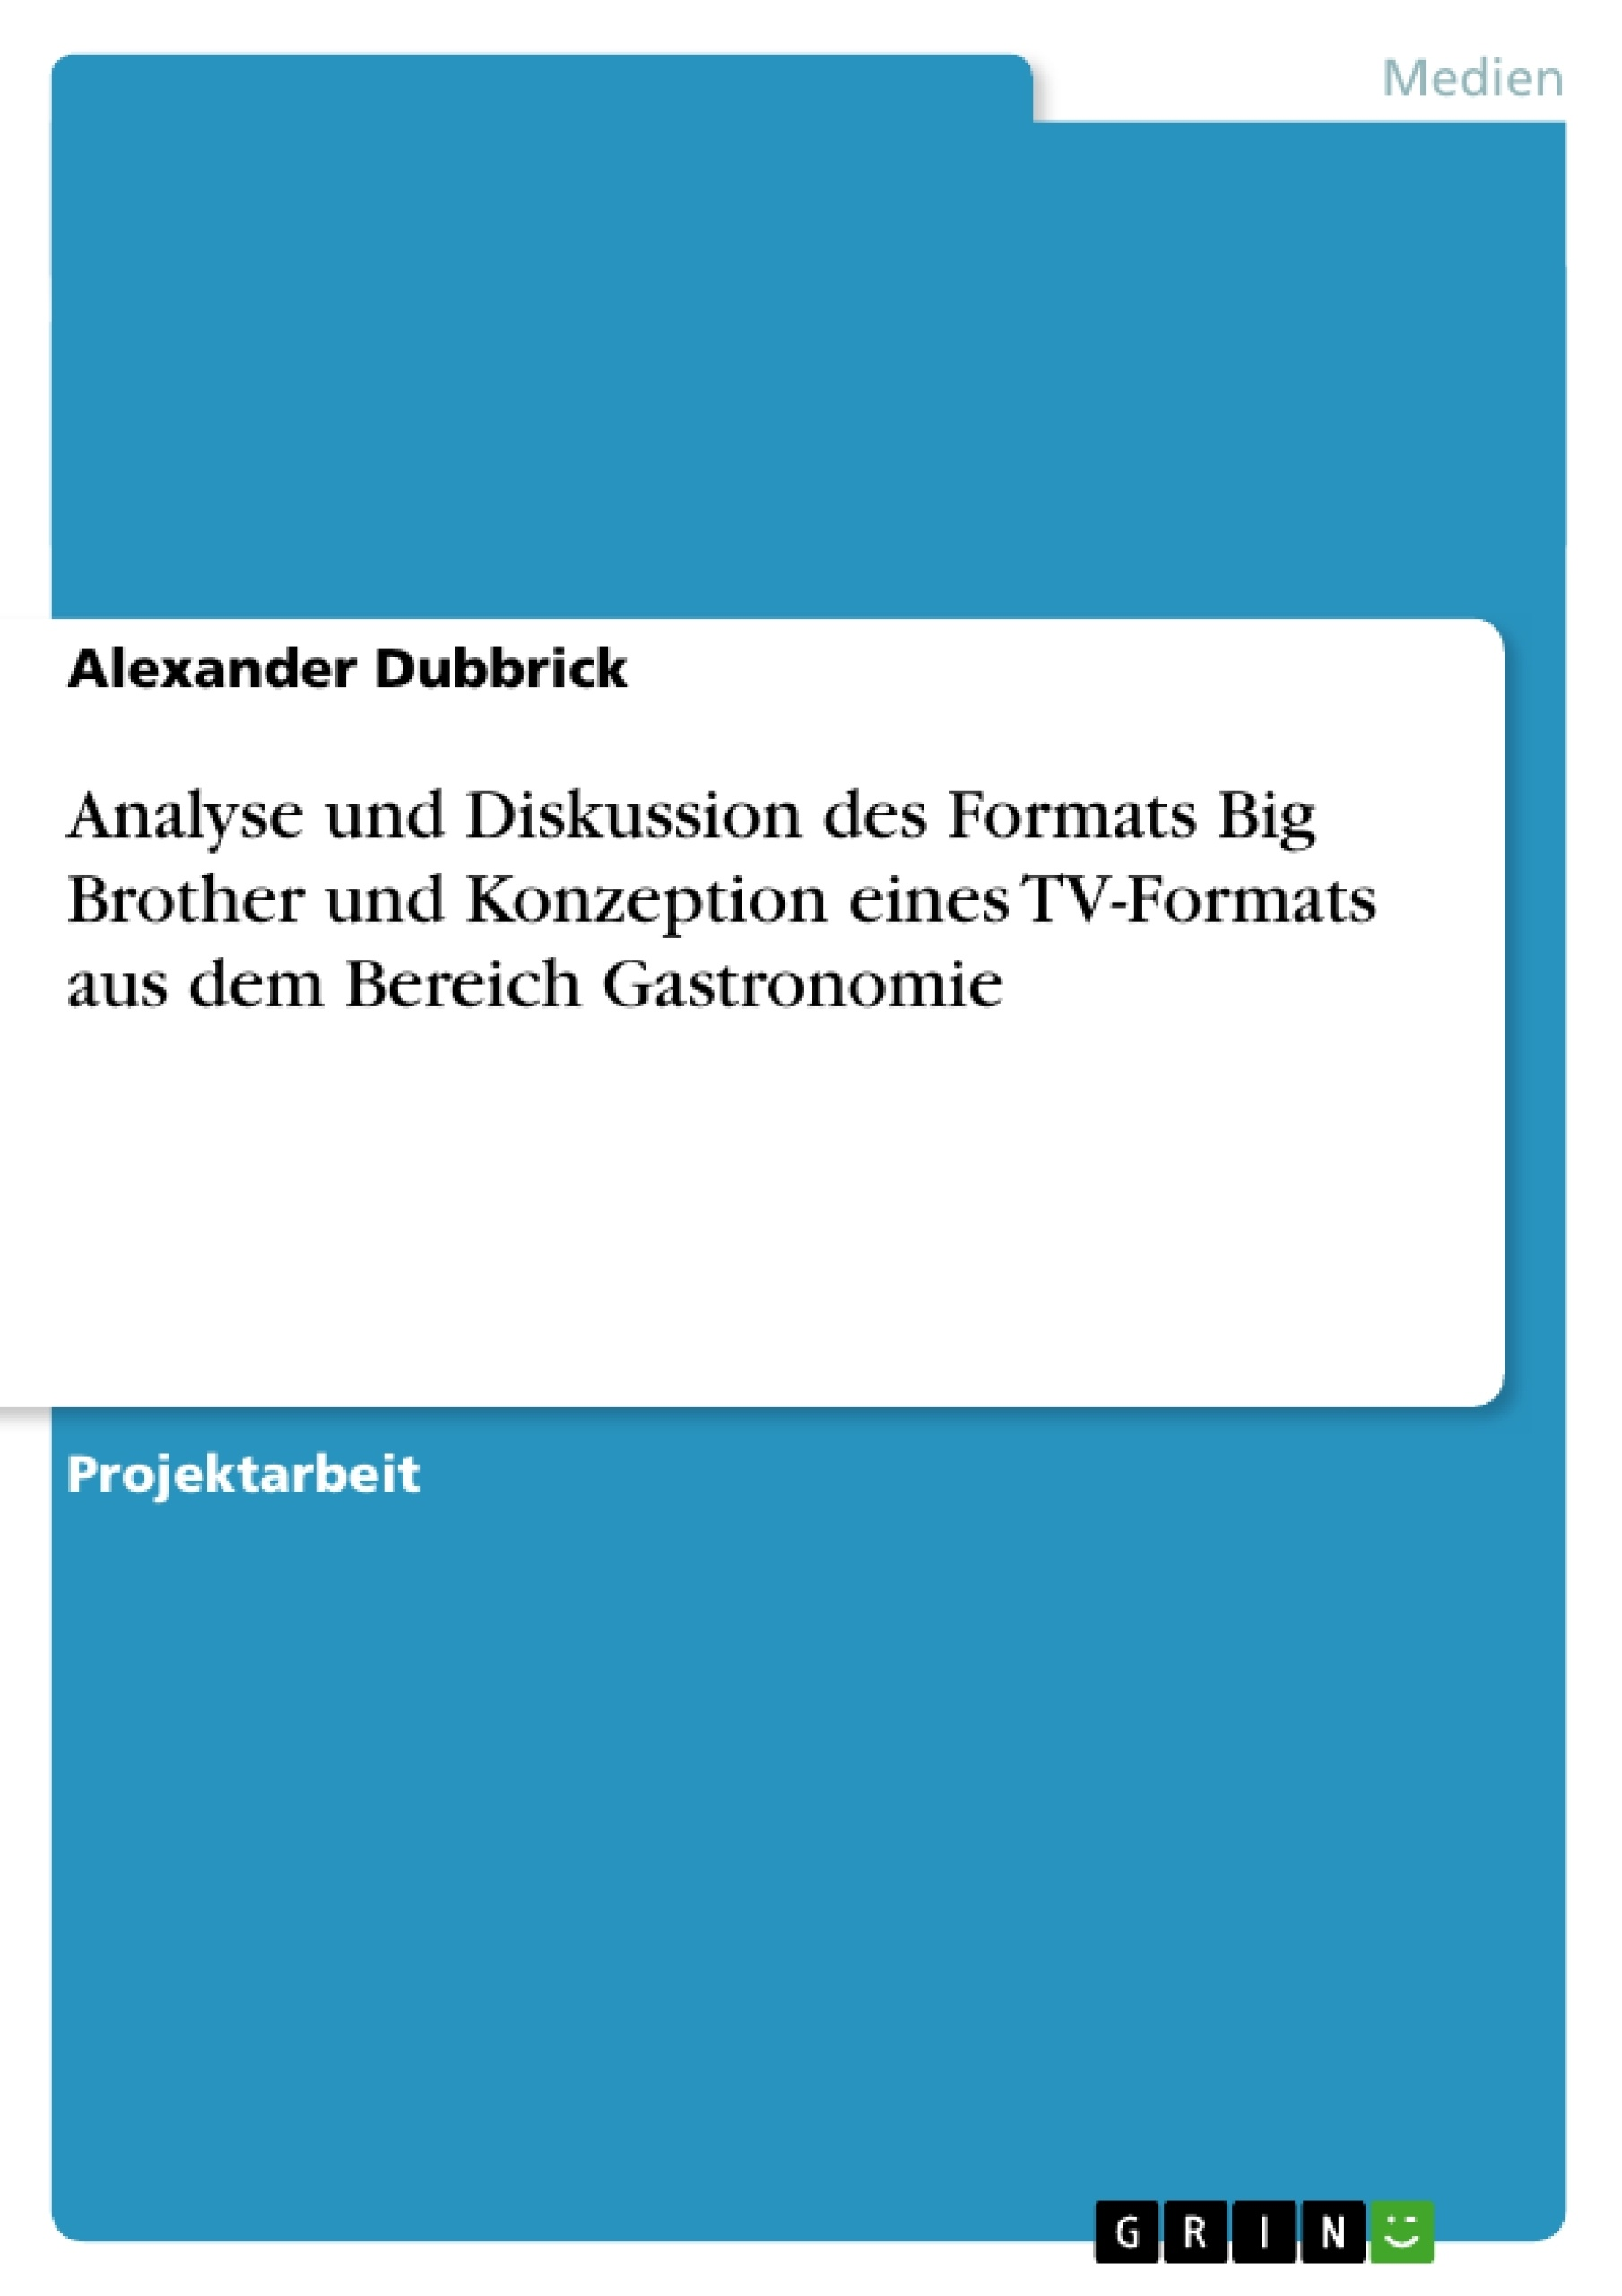 Titel: Analyse und Diskussion des Formats Big Brother und Konzeption eines TV-Formats aus dem Bereich Gastronomie